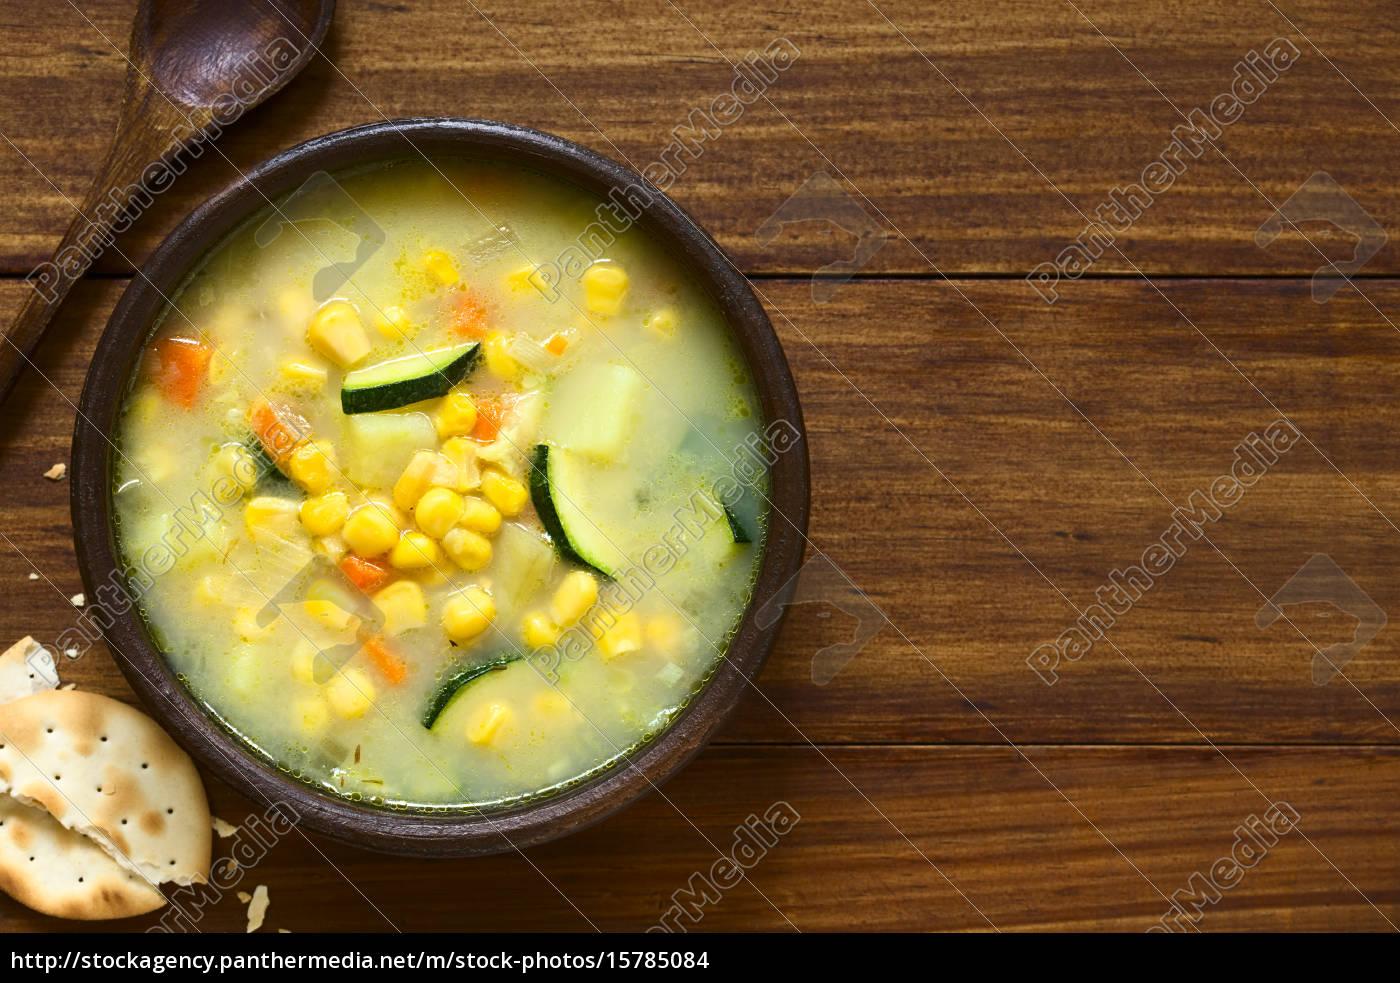 corn, chowder - 15785084